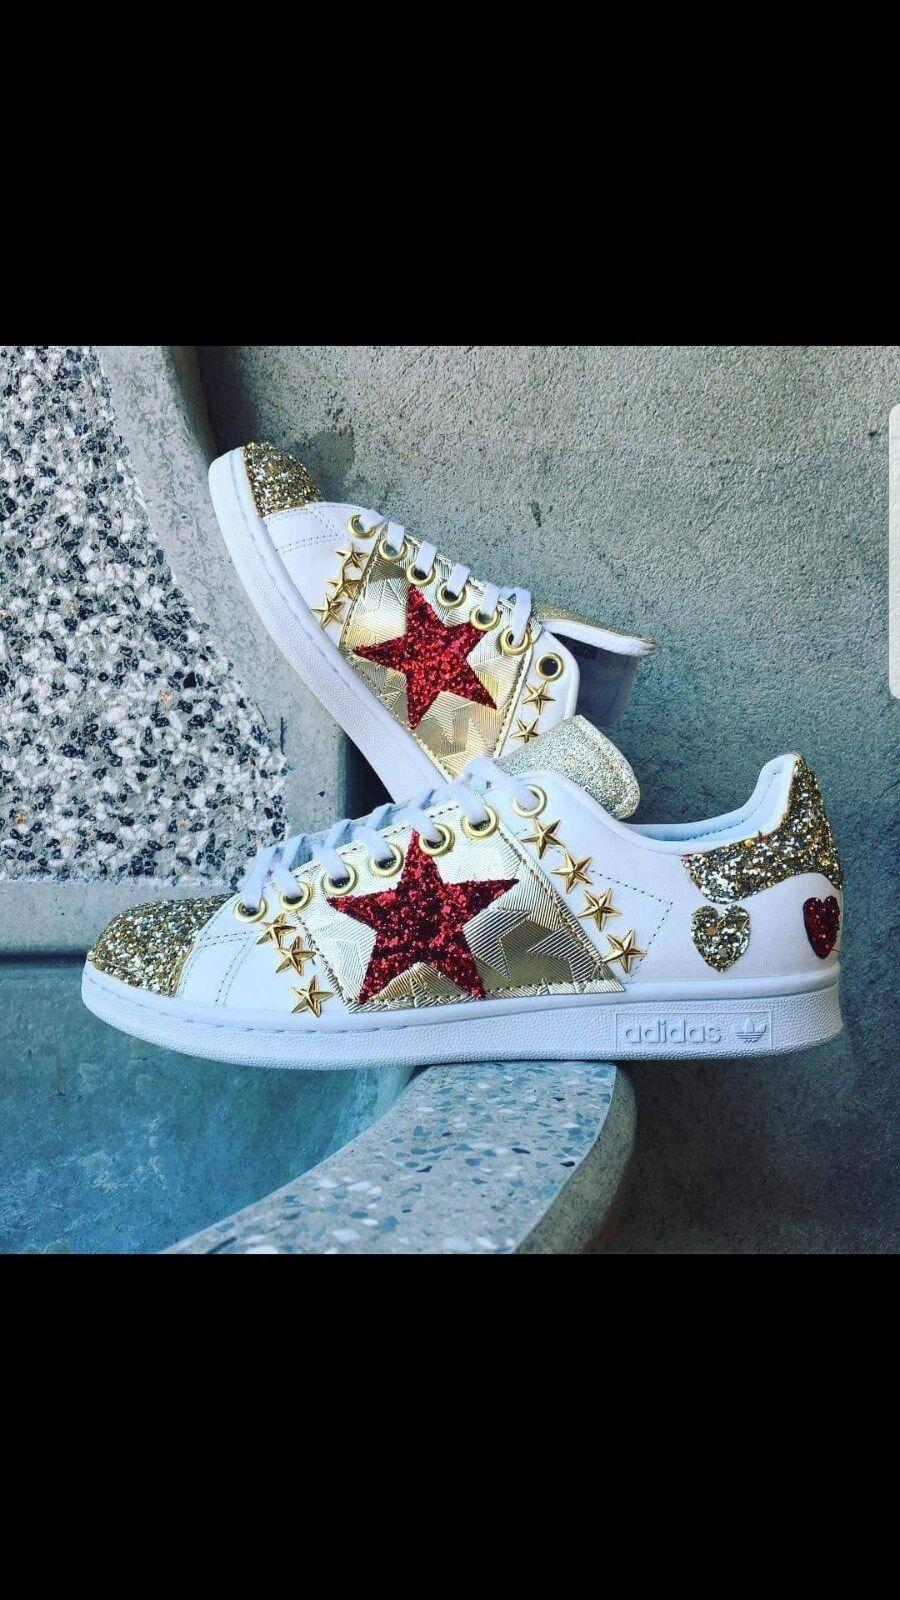 scarpe adidas stan smith borchie  con glitter e borchie smith a stella 1c2322